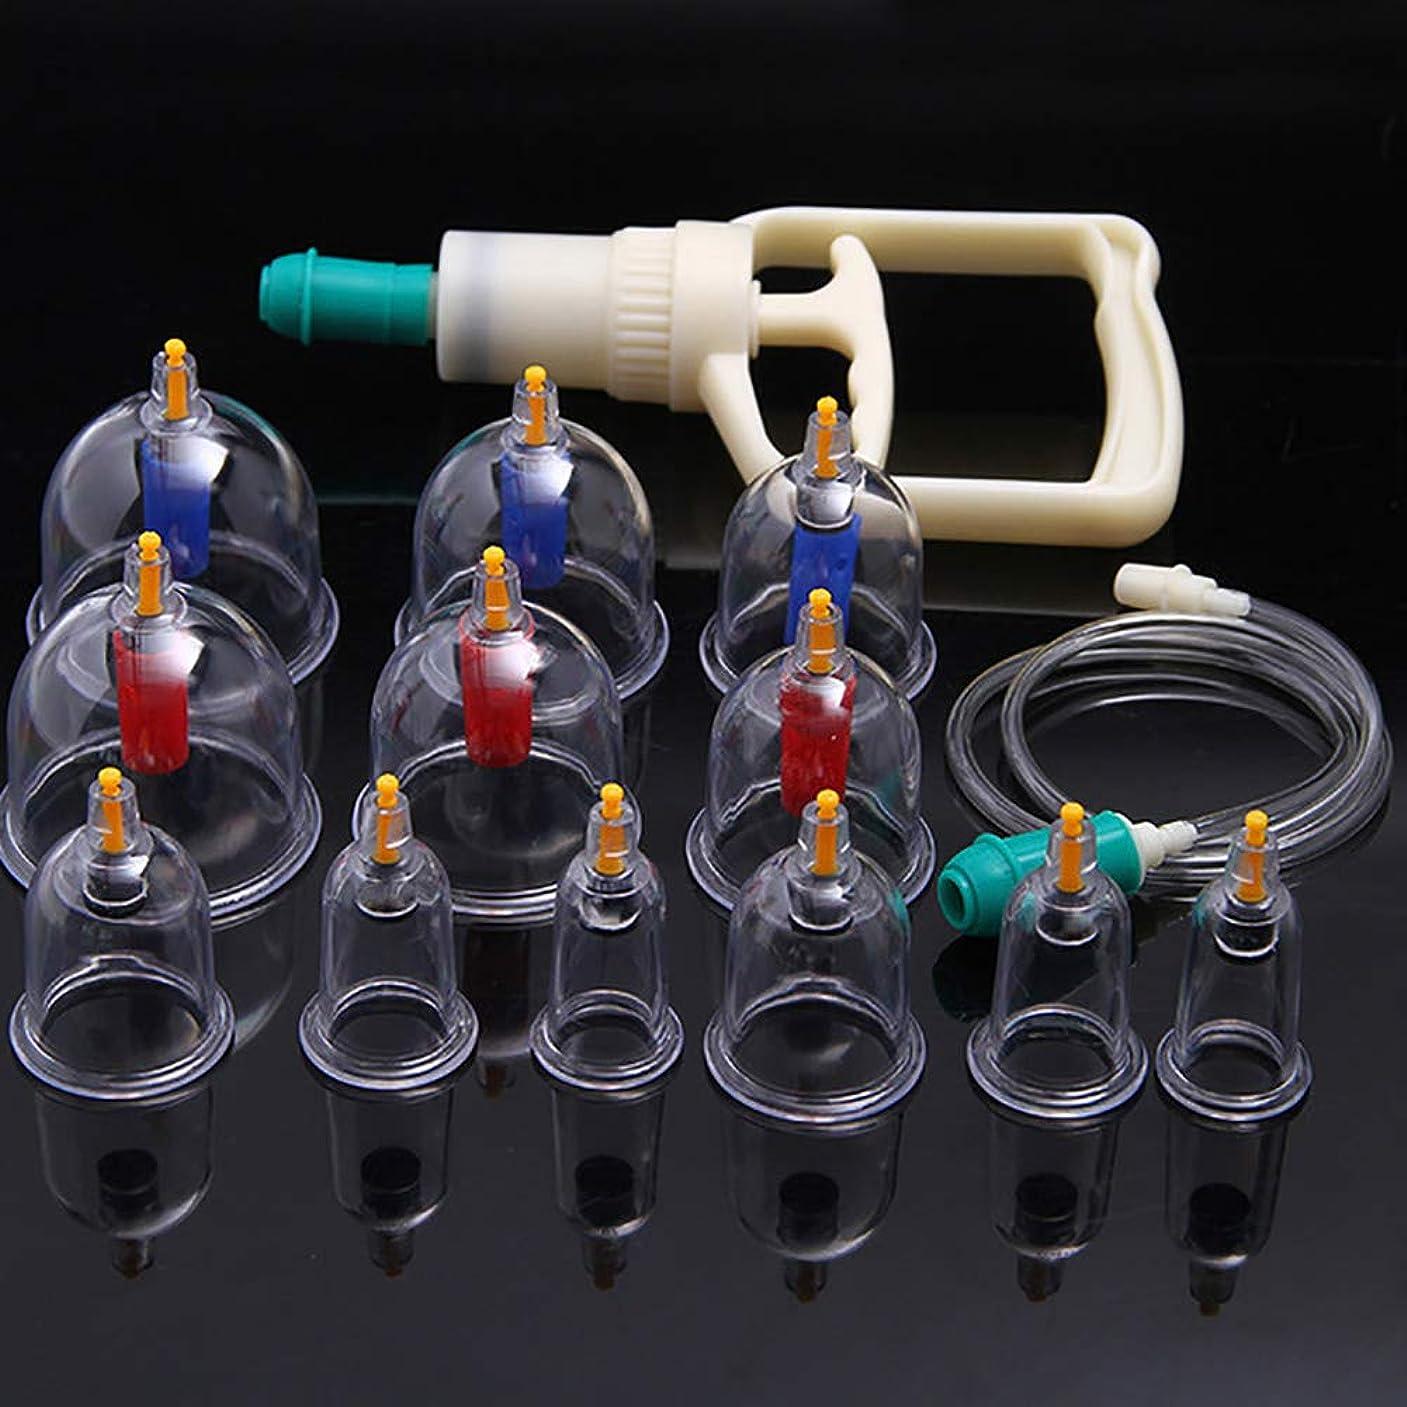 偽物インフラ代表してTINYPONY カッピング 吸い玉カップ 排気ポンプ 真空 脂肪吸引 康祝 6種 12個セット 自宅エステ アンチエイジングに